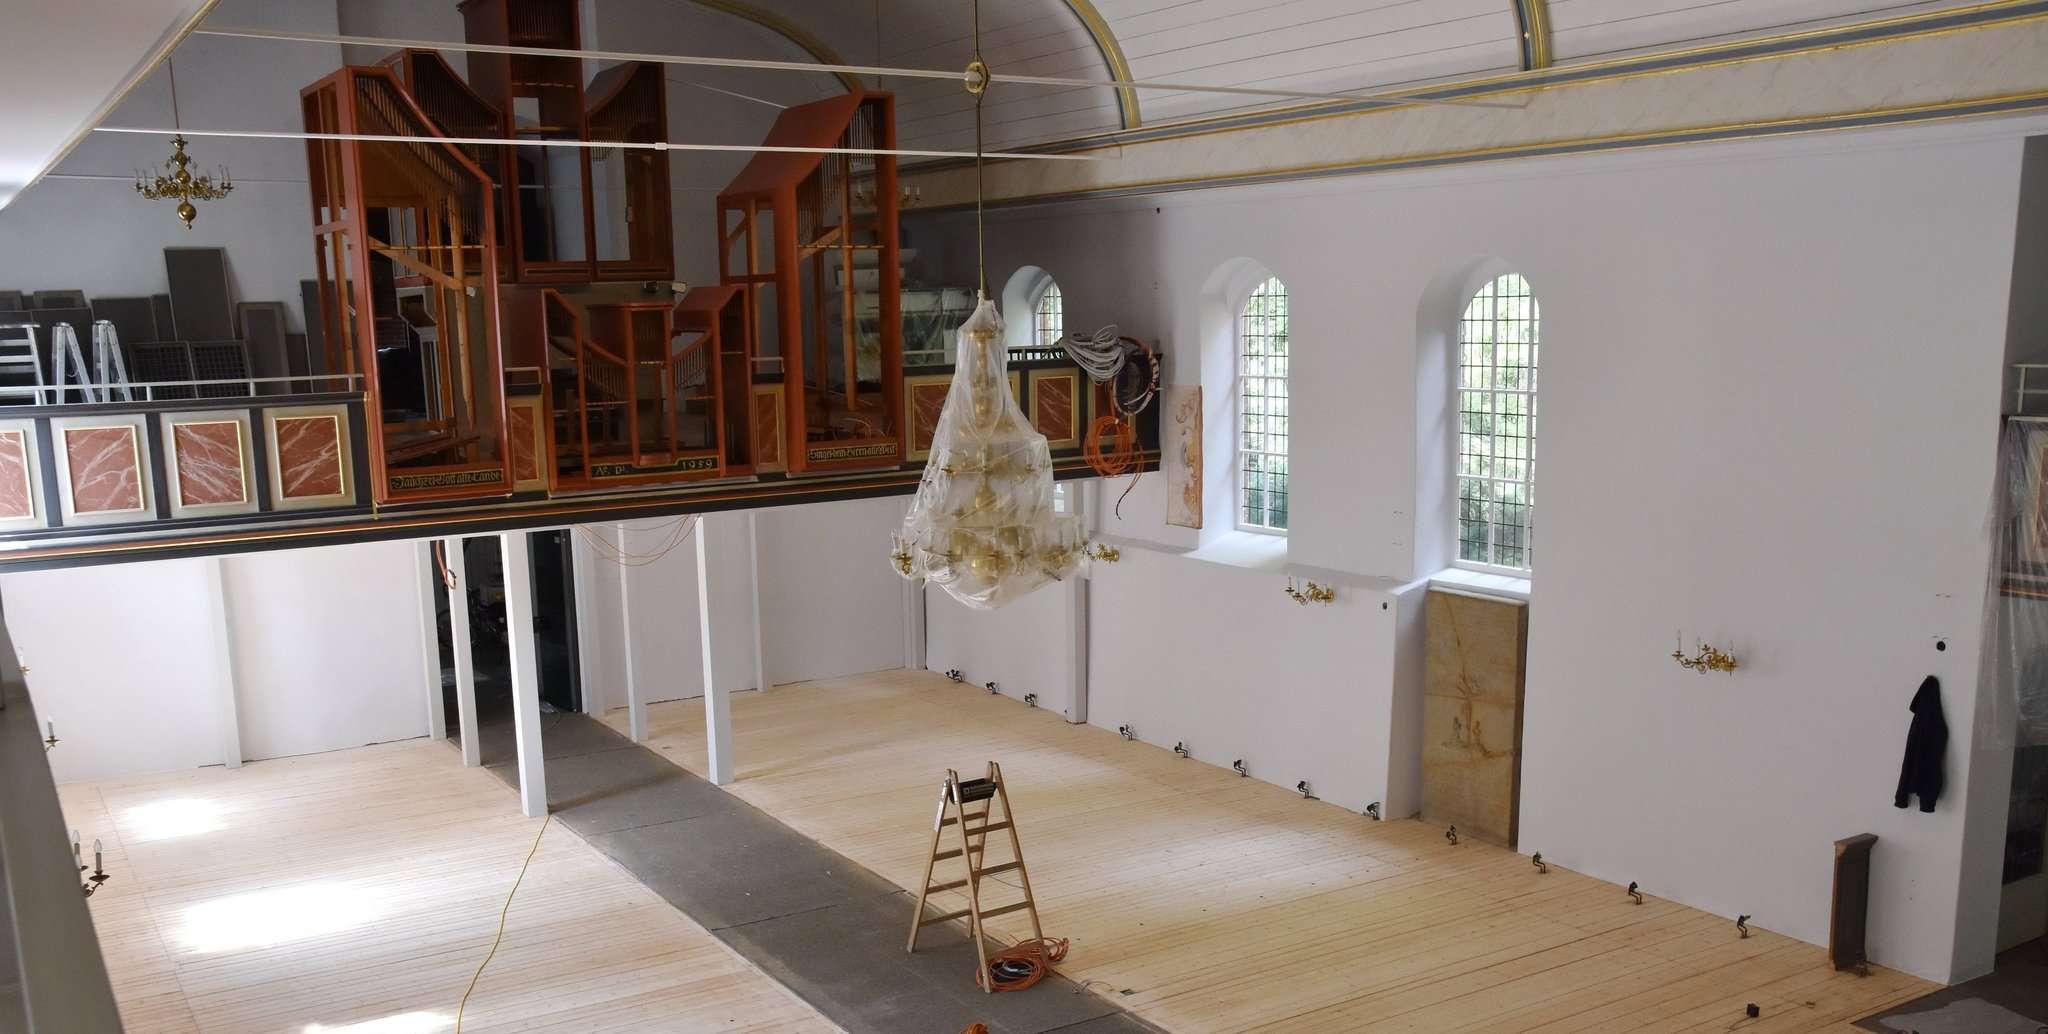 Wände und Decken haben einen neuen Anstrich bekommen, der Holzfußboden wird aufbereitet, sprich, die Dielen werden abgeschliffen und danach neu lackiert. Fotos: Heidrun Meyer